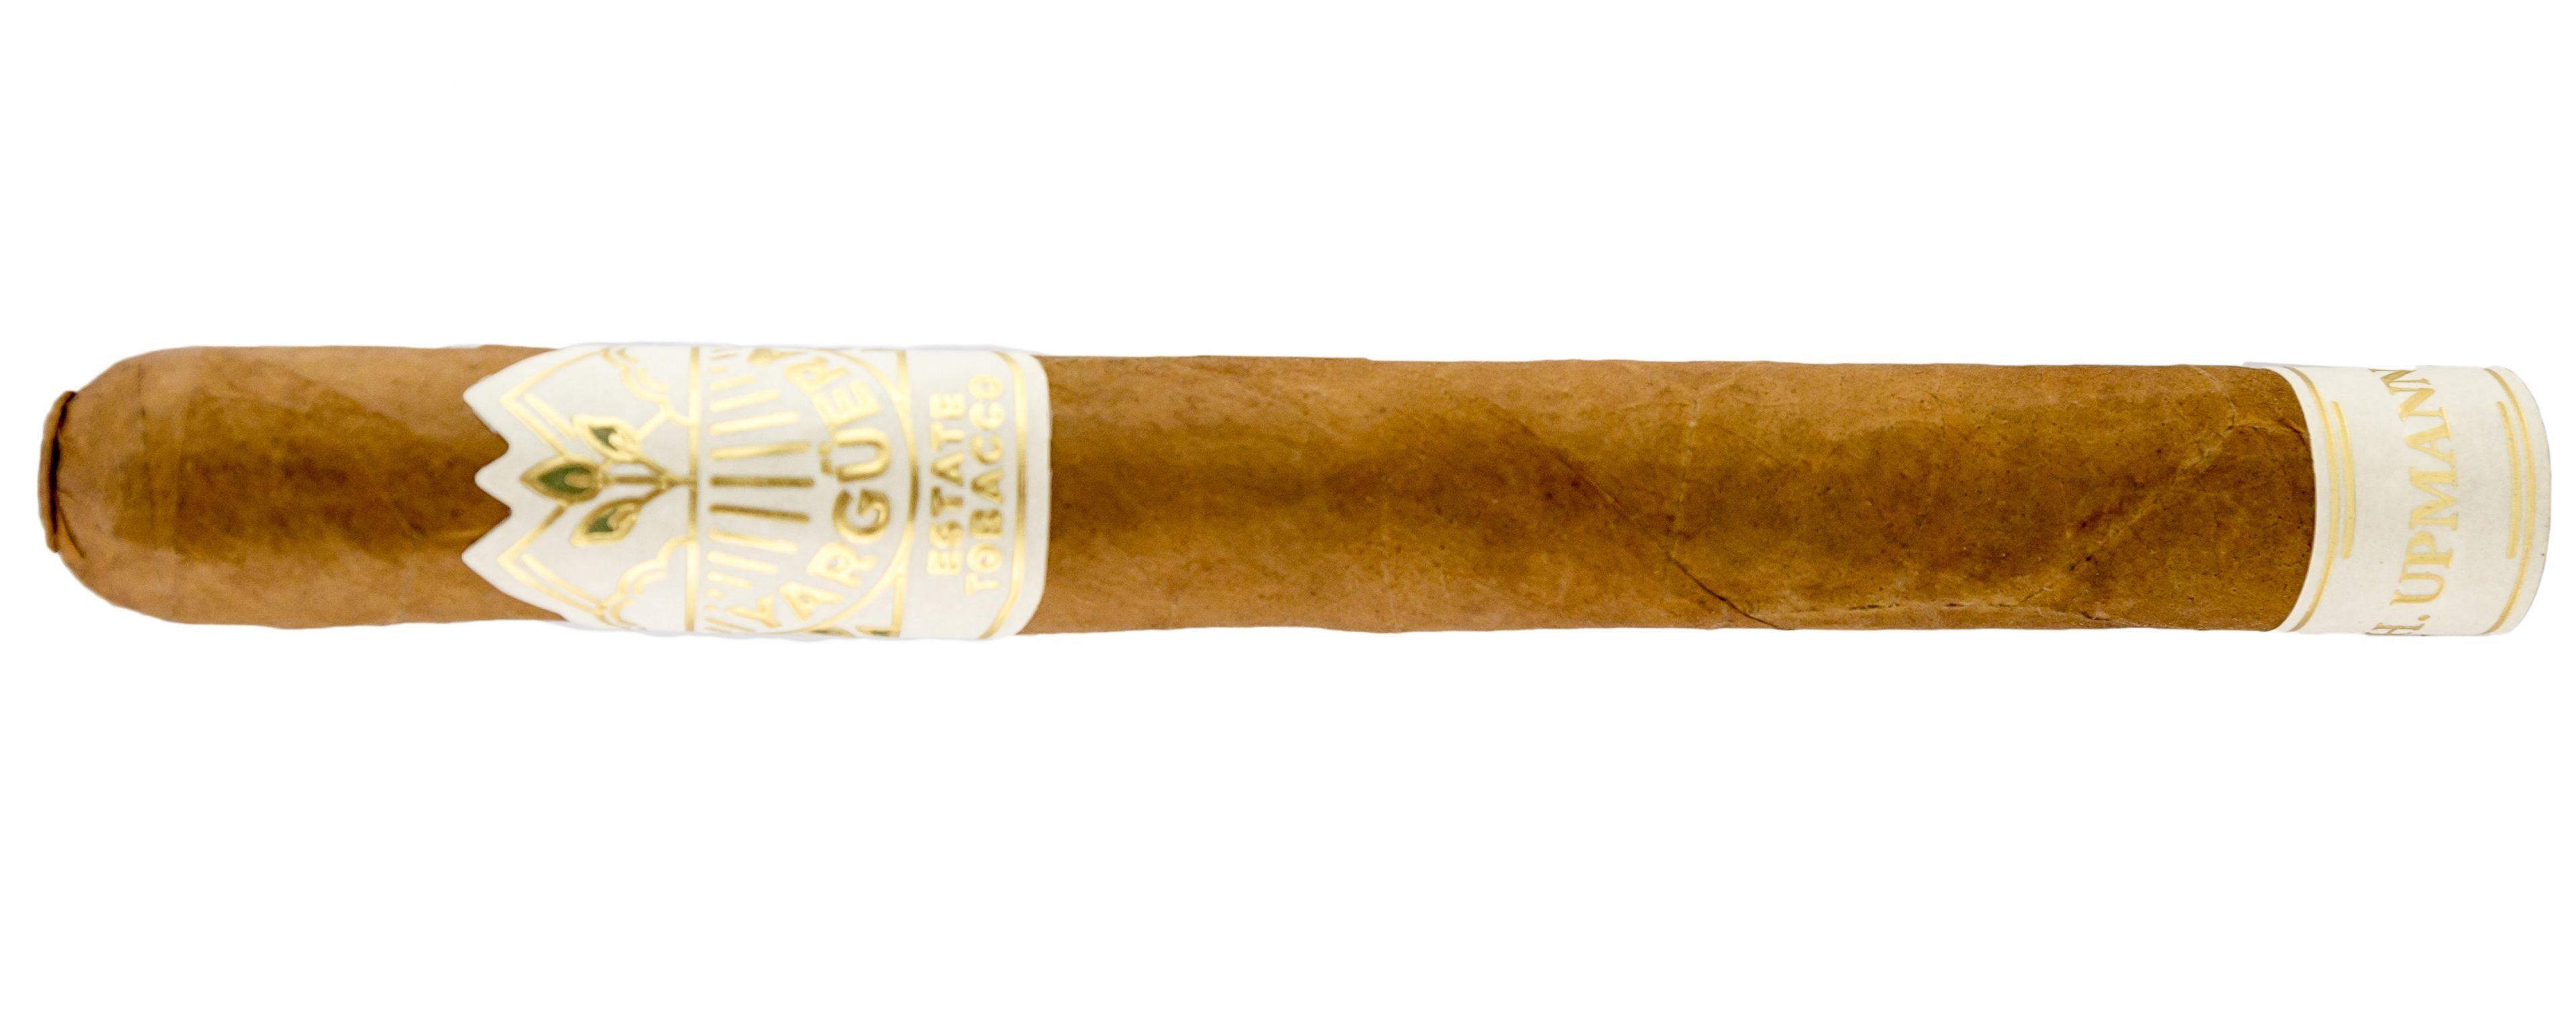 Blind Cigar Review: H. Upmann   Yargüera Lonsdale